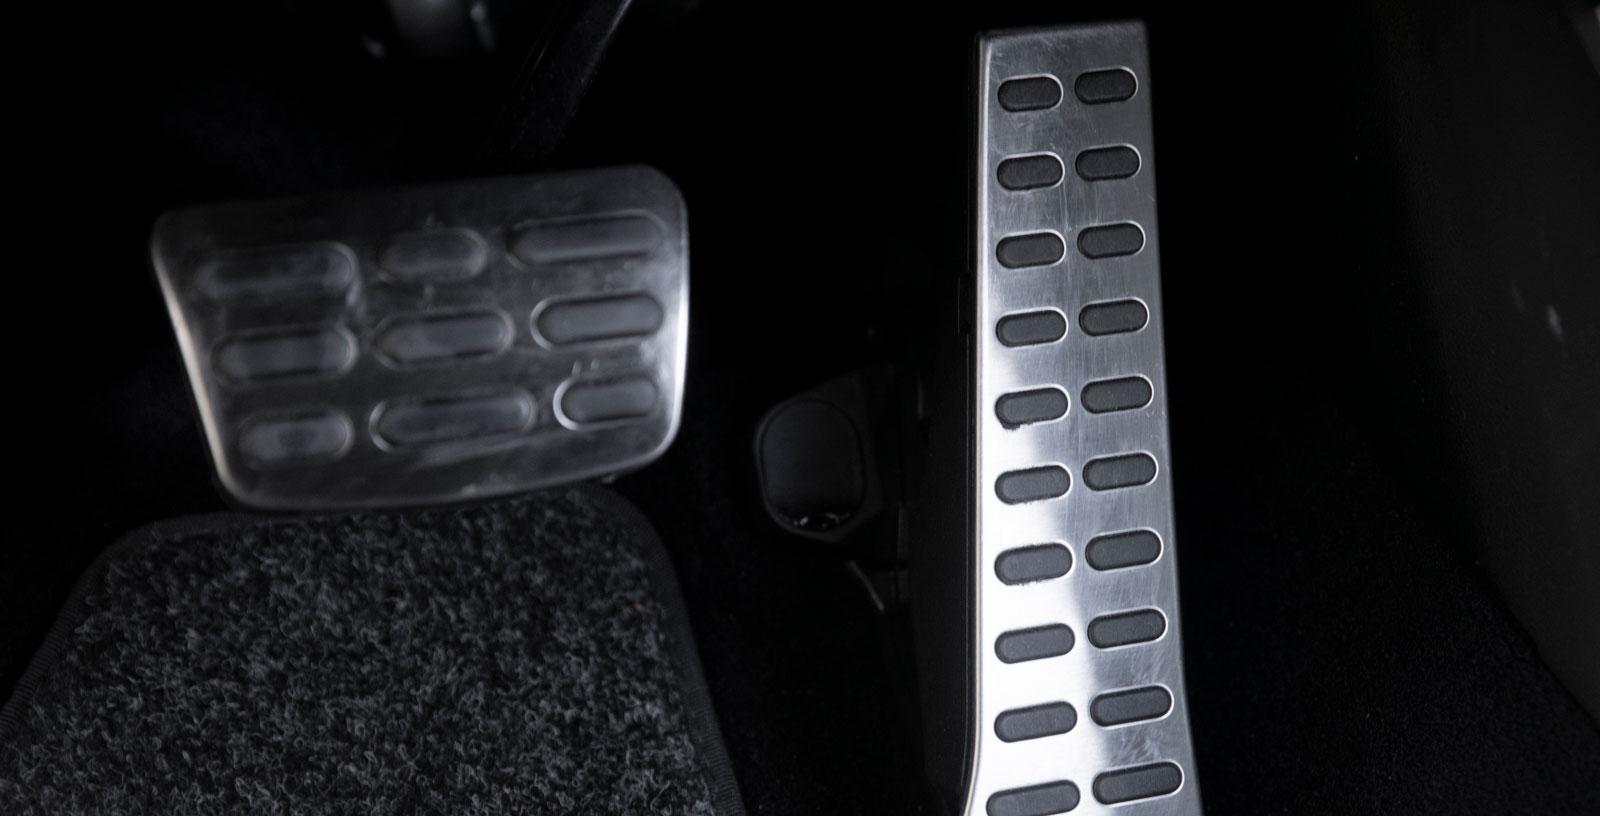 Blankpolerade pedaler är en del av GT-Line-utrustningen. Stående gaspedal.